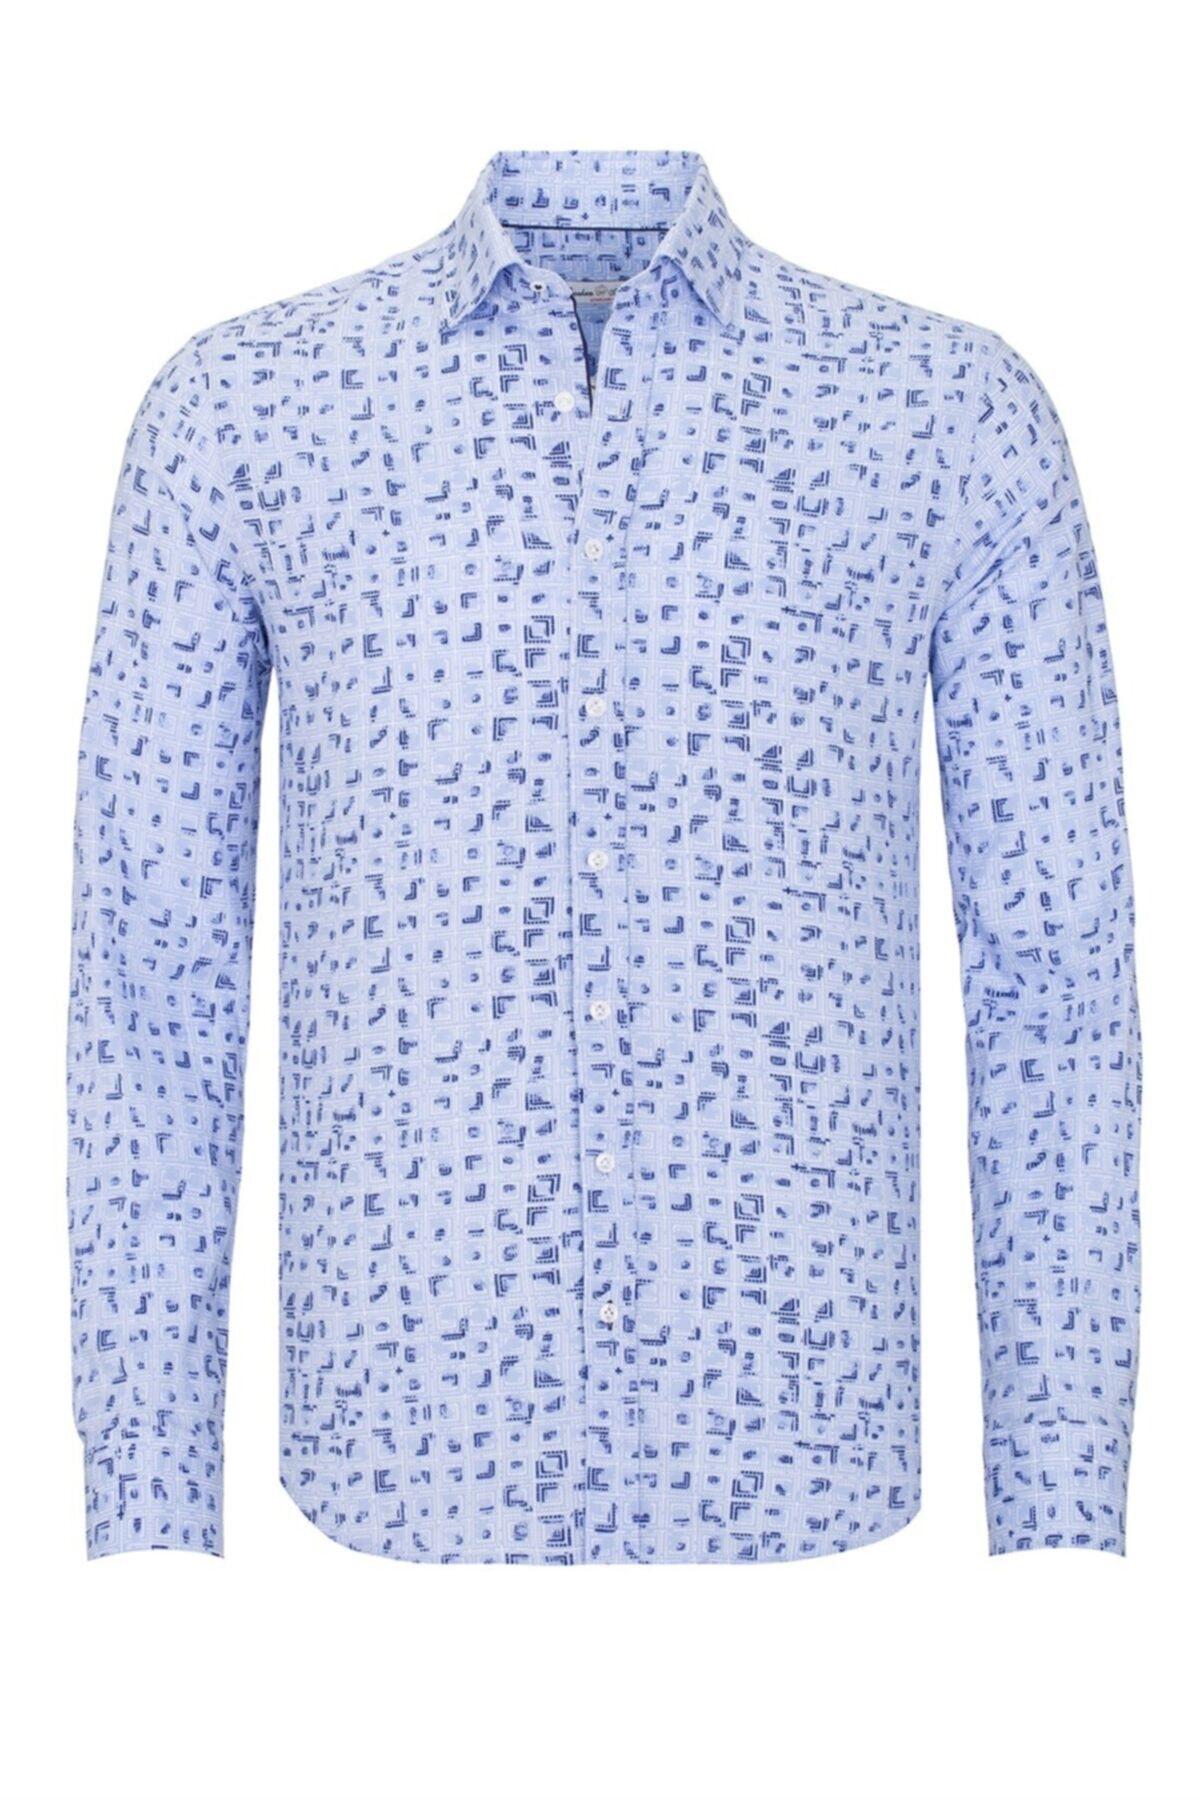 Paşahan Erkek Mavi Gömlek  P41D010450 1